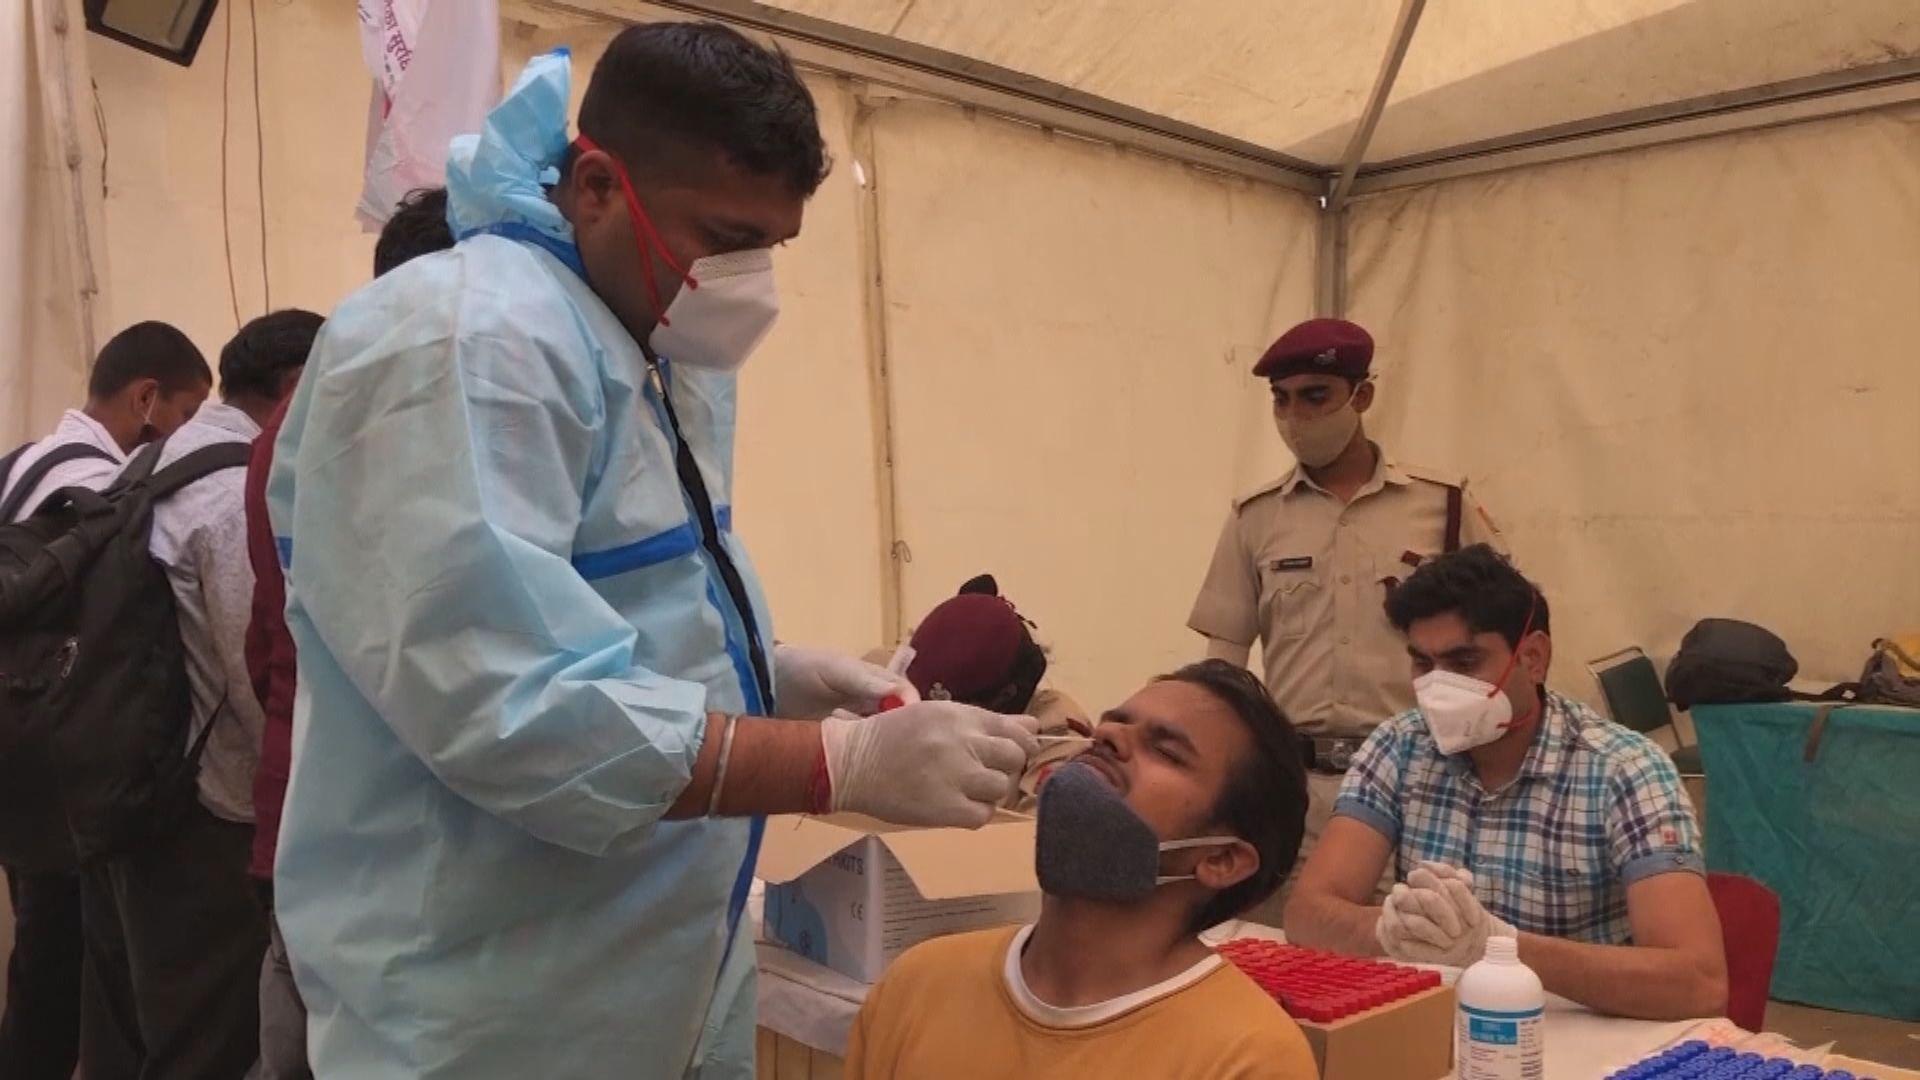 印度發現「雙重突變」新冠病毒株 暫停出口阿斯利康疫苗